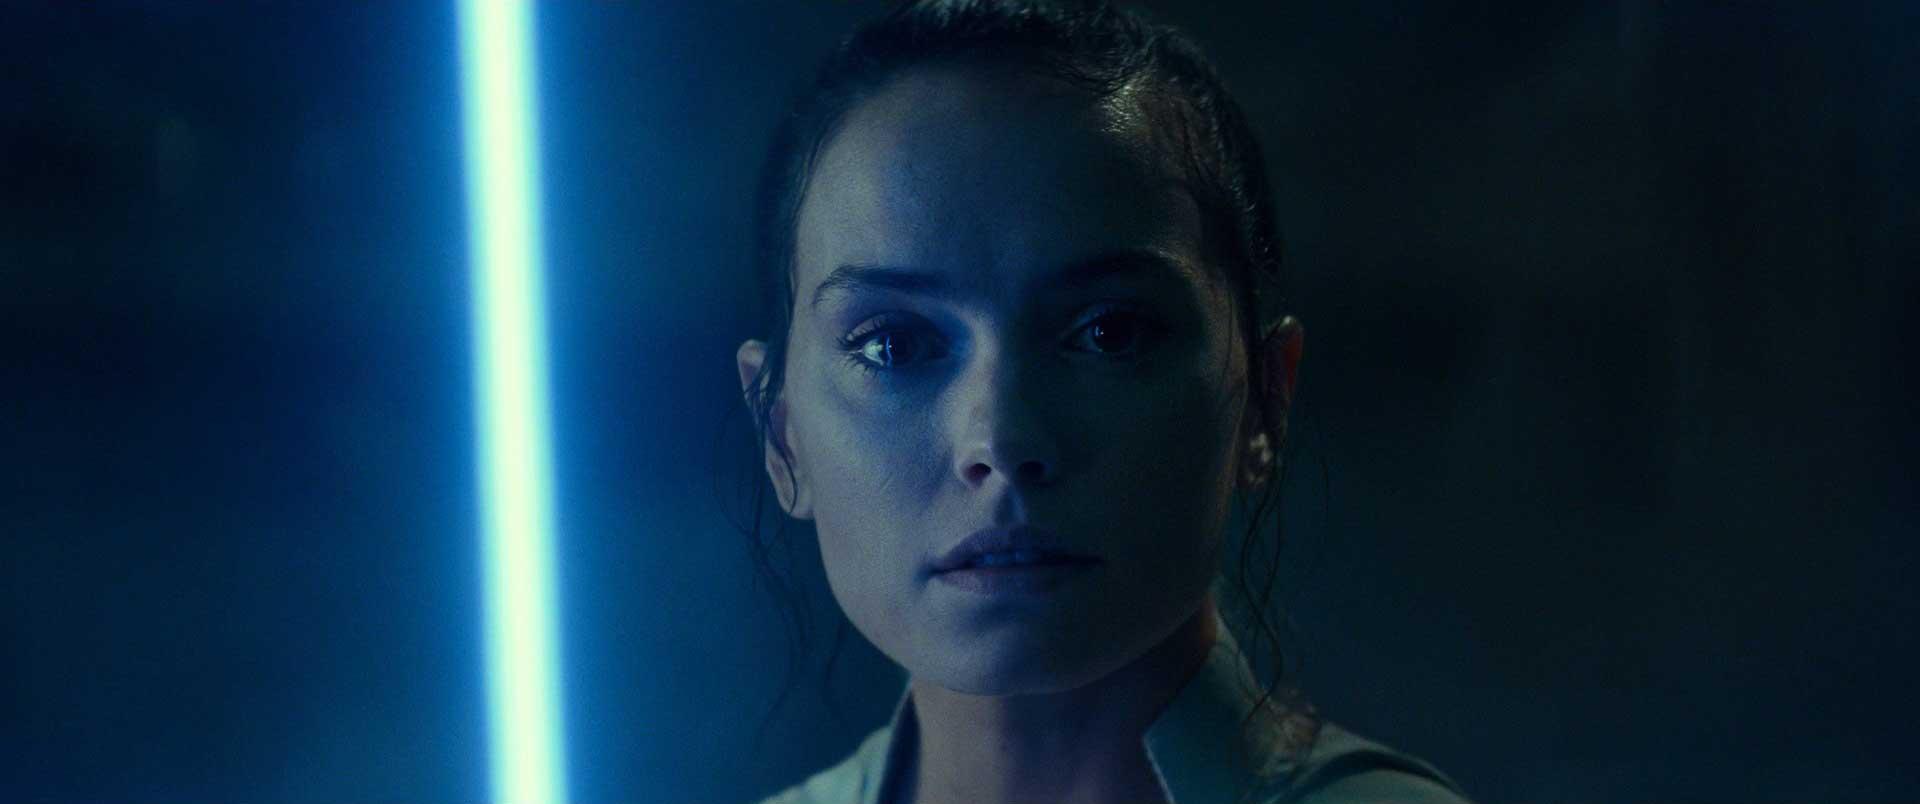 Over 42 Hires Stills From Star Wars Episode Ix The Rise Of Skywalker Final Trailer 3 Appocalypse